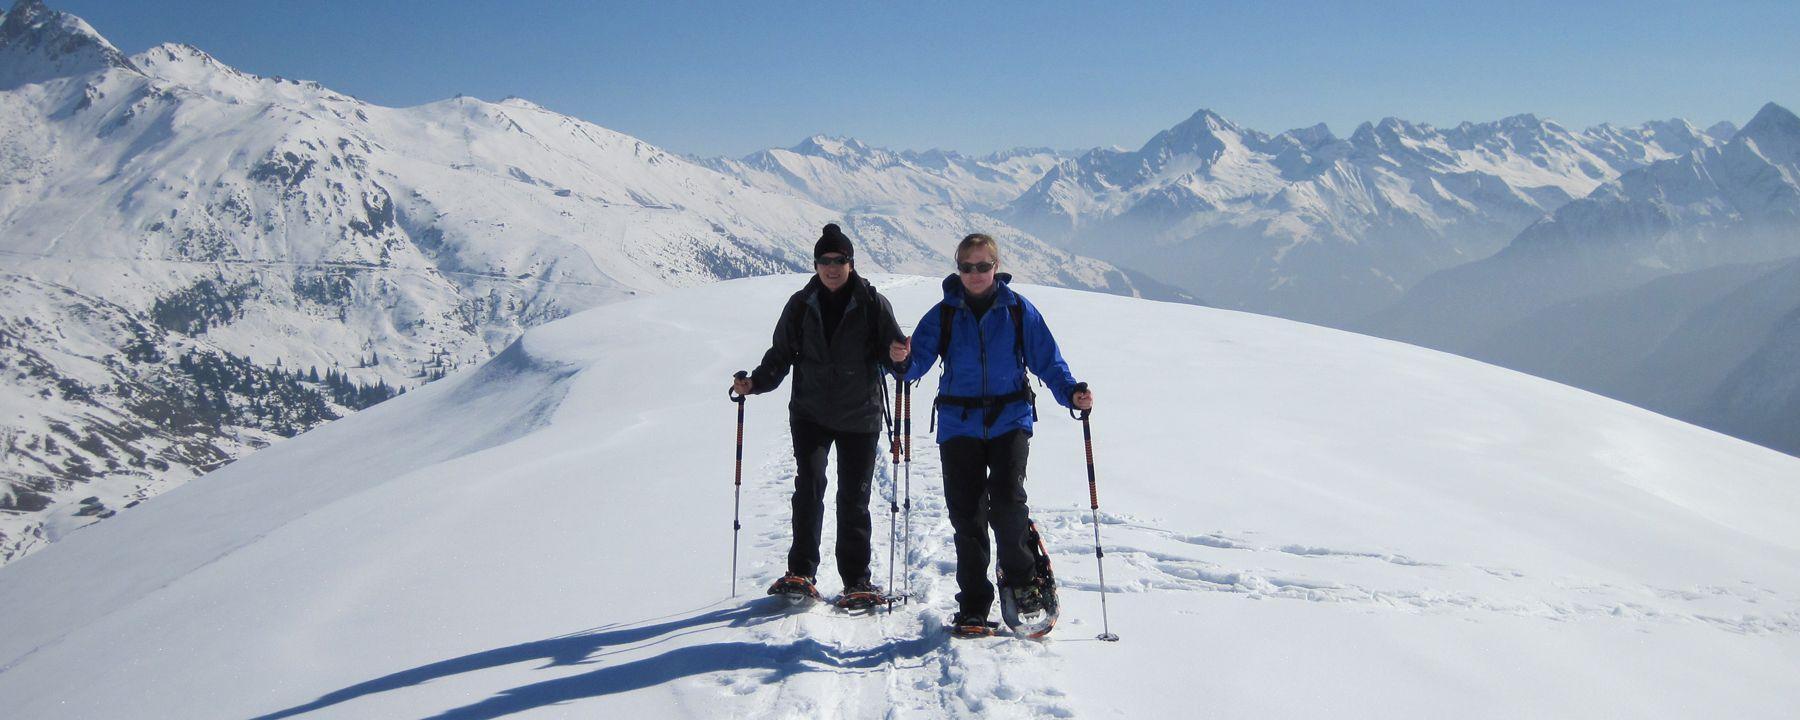 Snowshoeing Summit Tour